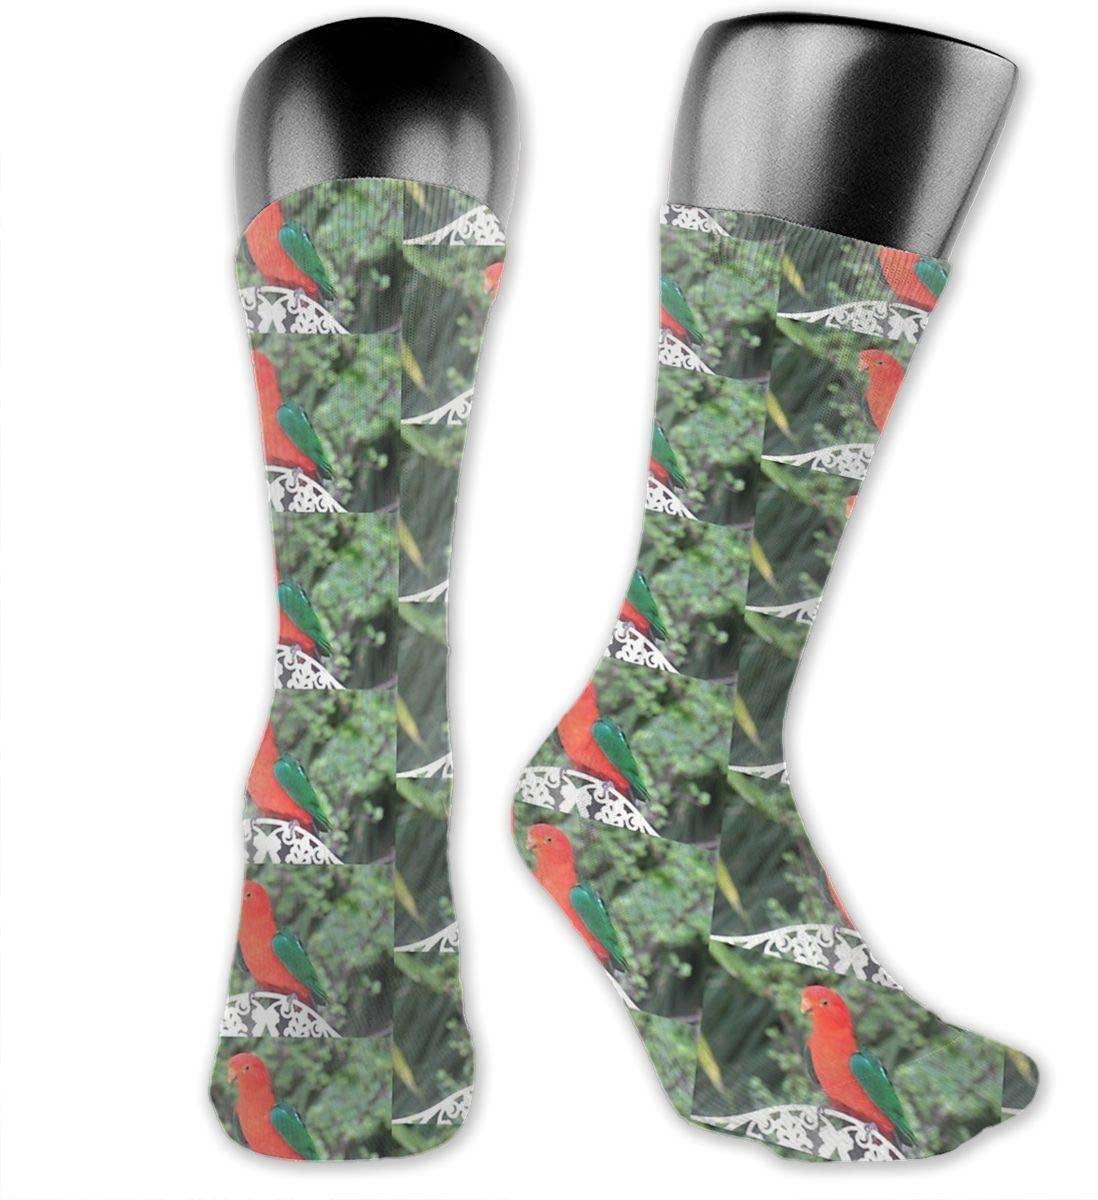 Australian Parrot Unisex Outdoor Long Socks Sport Athletic Crew Socks Stockings